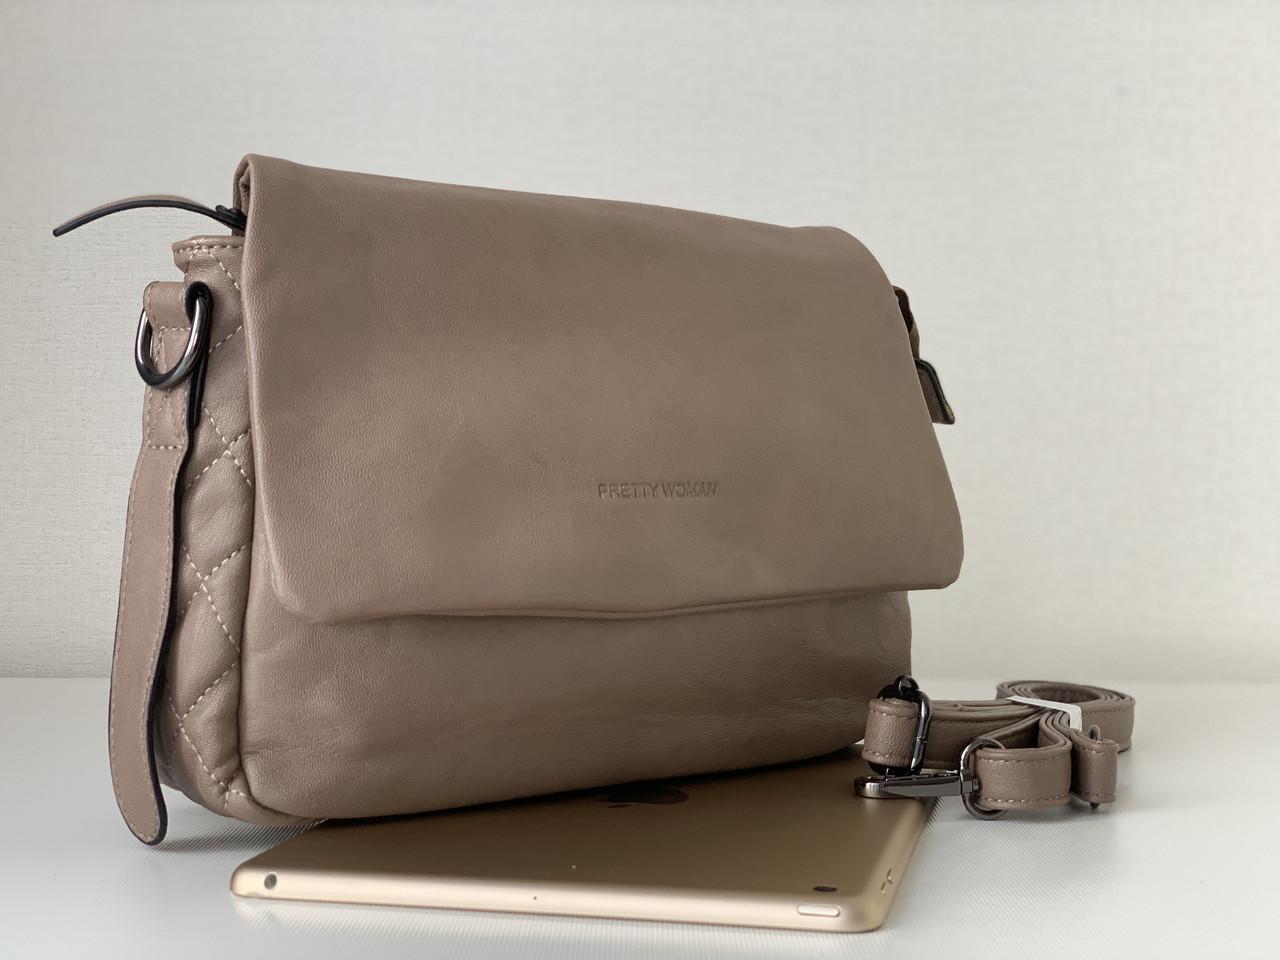 Женская классическая сумочка небольшая через плечо цвета кофе с молоком Pretty Woman